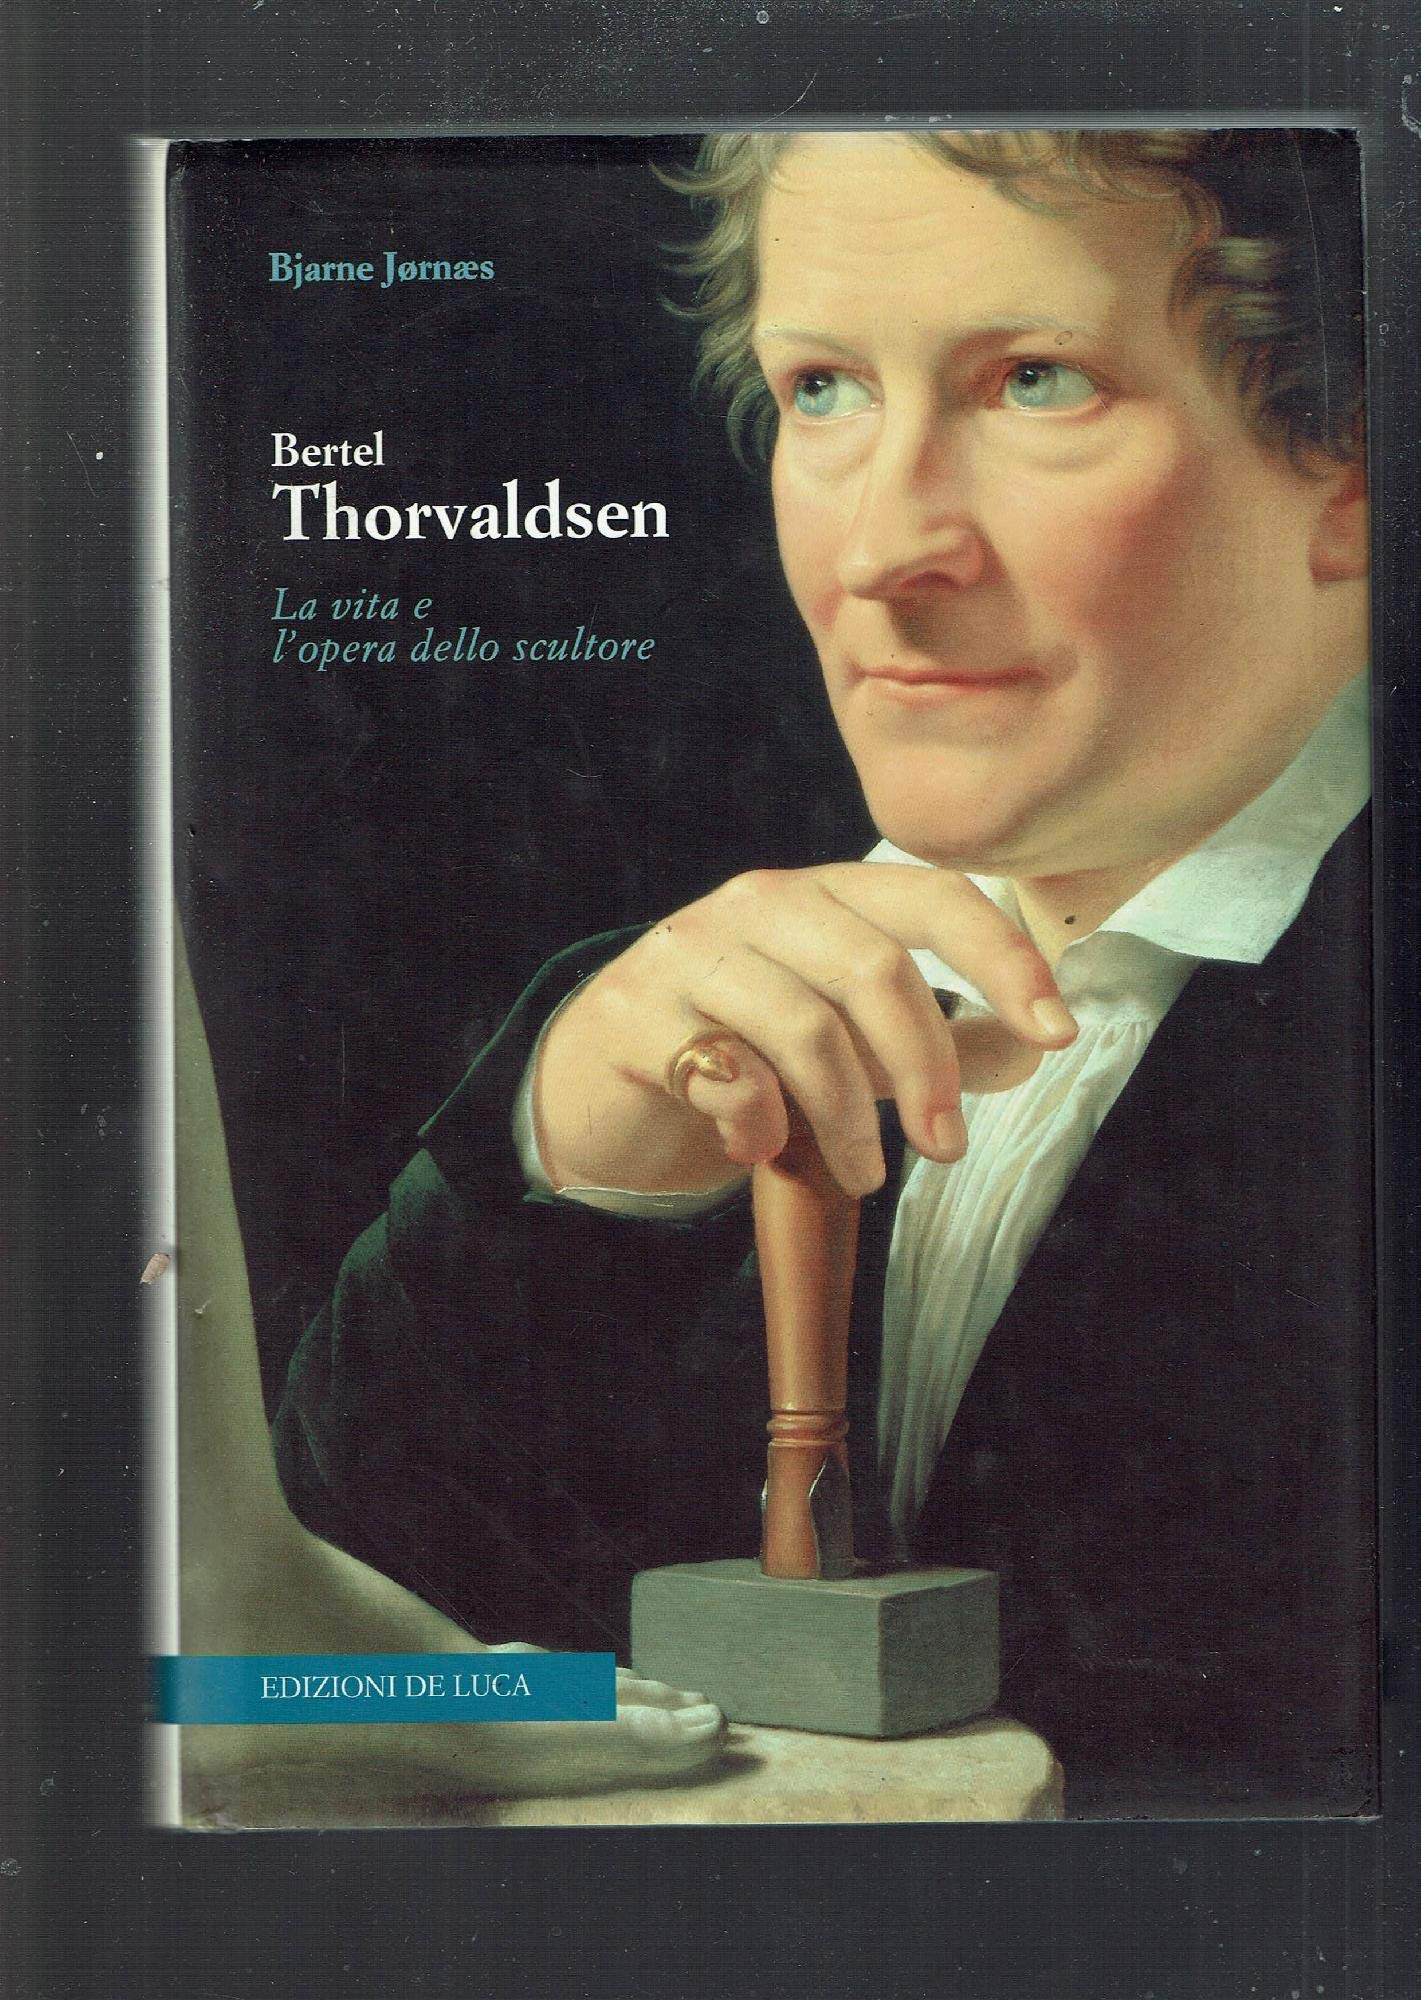 Bertel Thorvaldsen: La vita e l'opera dello scultore: Bjarne Jornes: 9788880161912: Amazon.com: Books